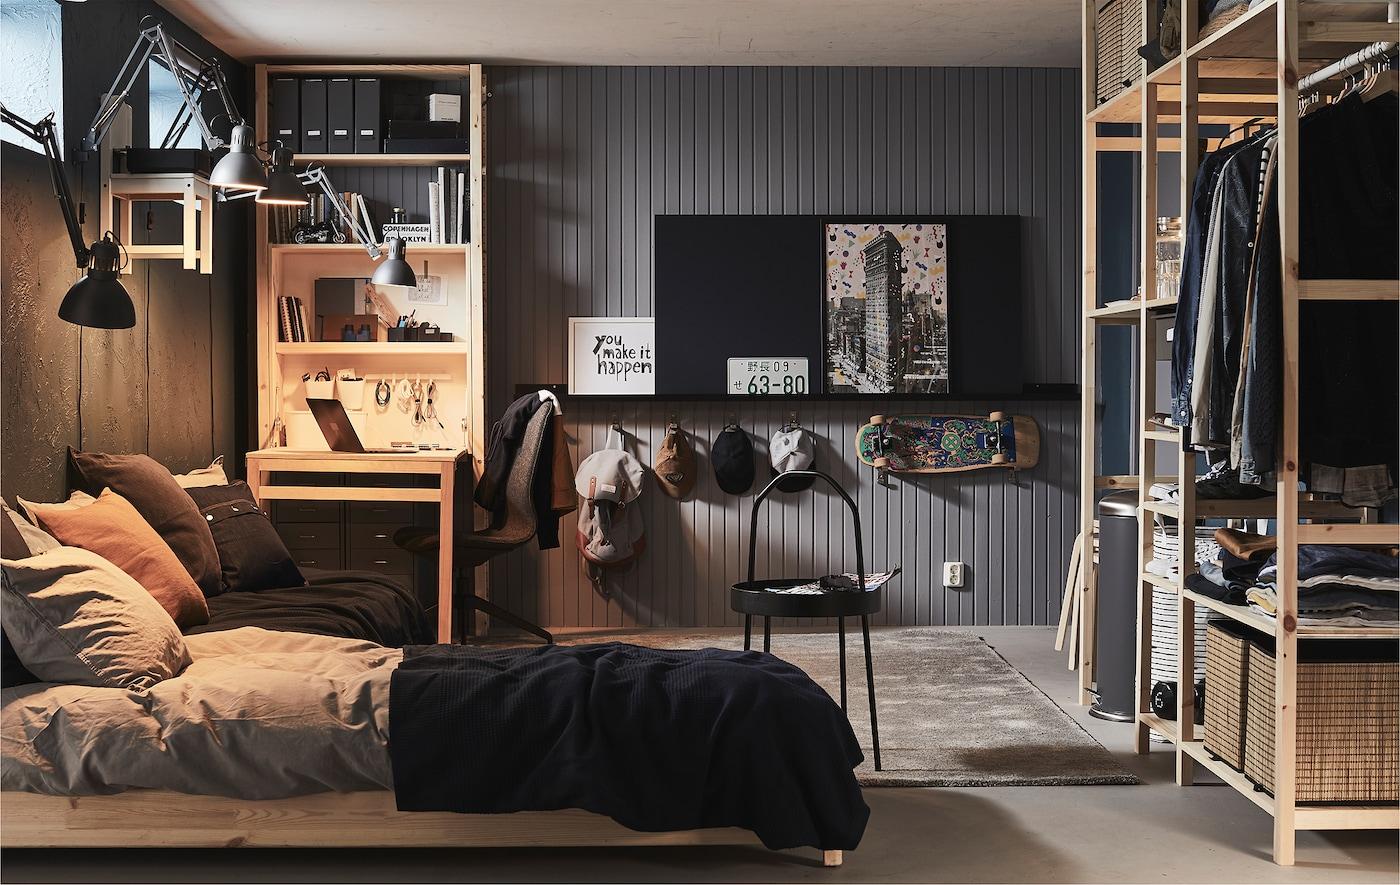 Fuldt møbleret værelse med højtsiddende vinduer, som i en kælder eller garage, en seng, et skrivebord og opbevaring i forskellige reoler.